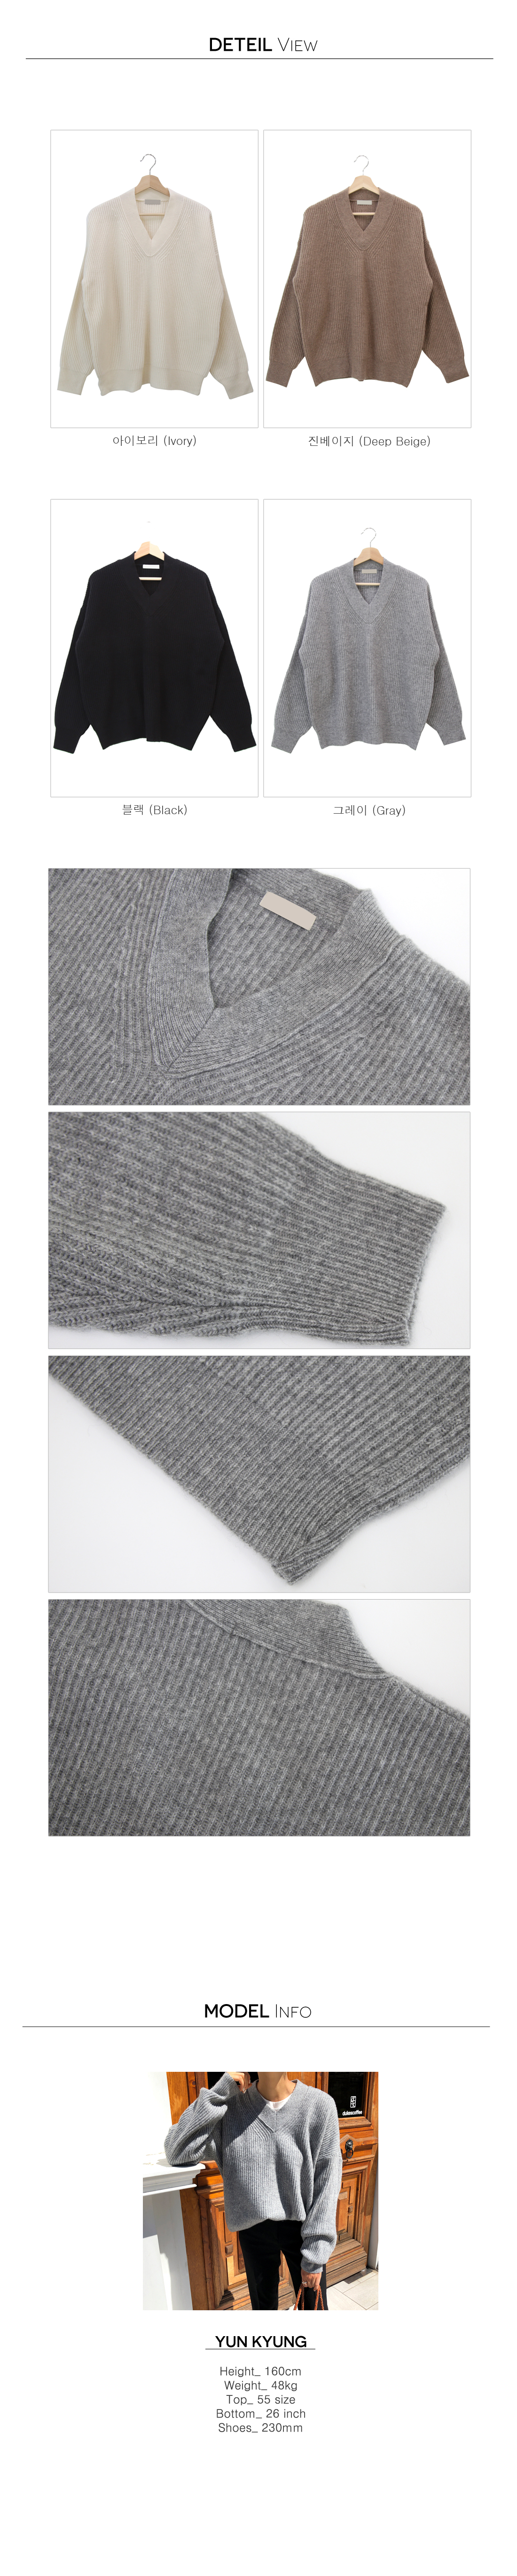 Single V-neck cashmere knit